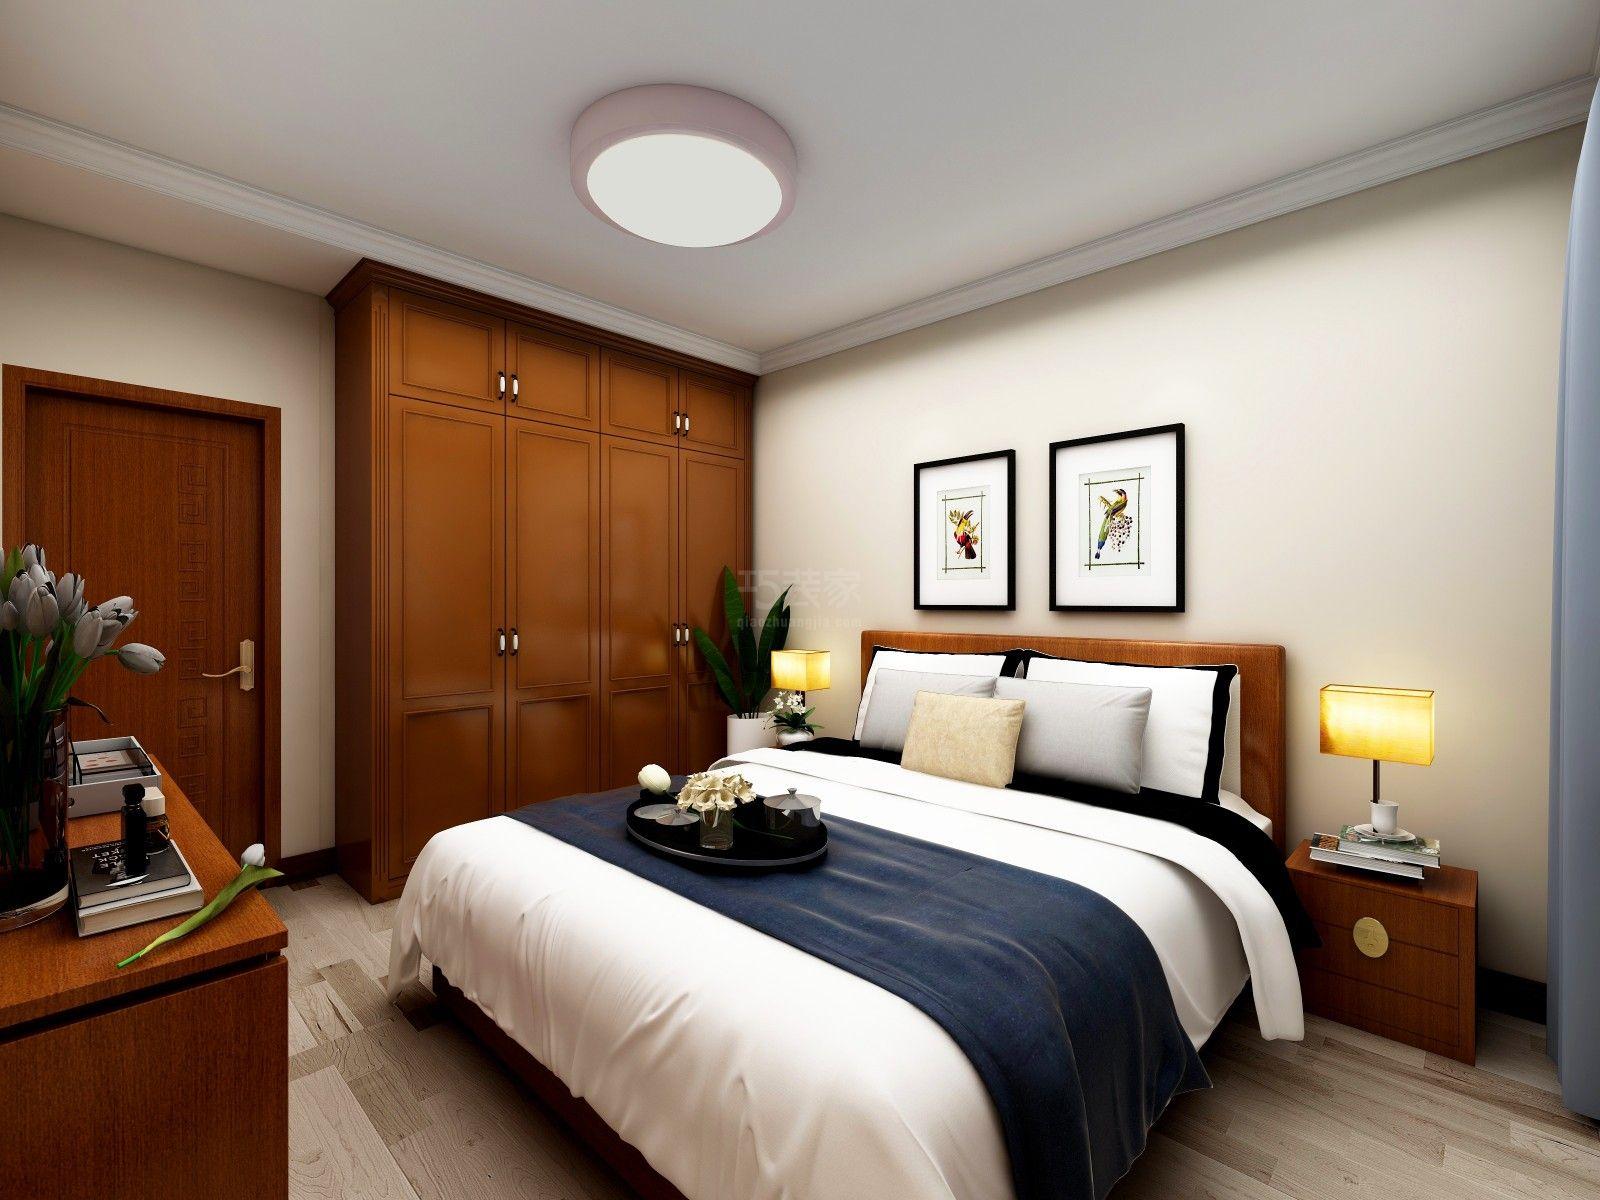 设计理念:本案注重结构的合理运用,局部的细节设计是体现出居住主人(老夫妻)个性、优雅的生活情趣。在合理的平面布局下着重于立面的表现,注重使用玻璃、石材及质感、涂料来营造现代休闲的居室环境。